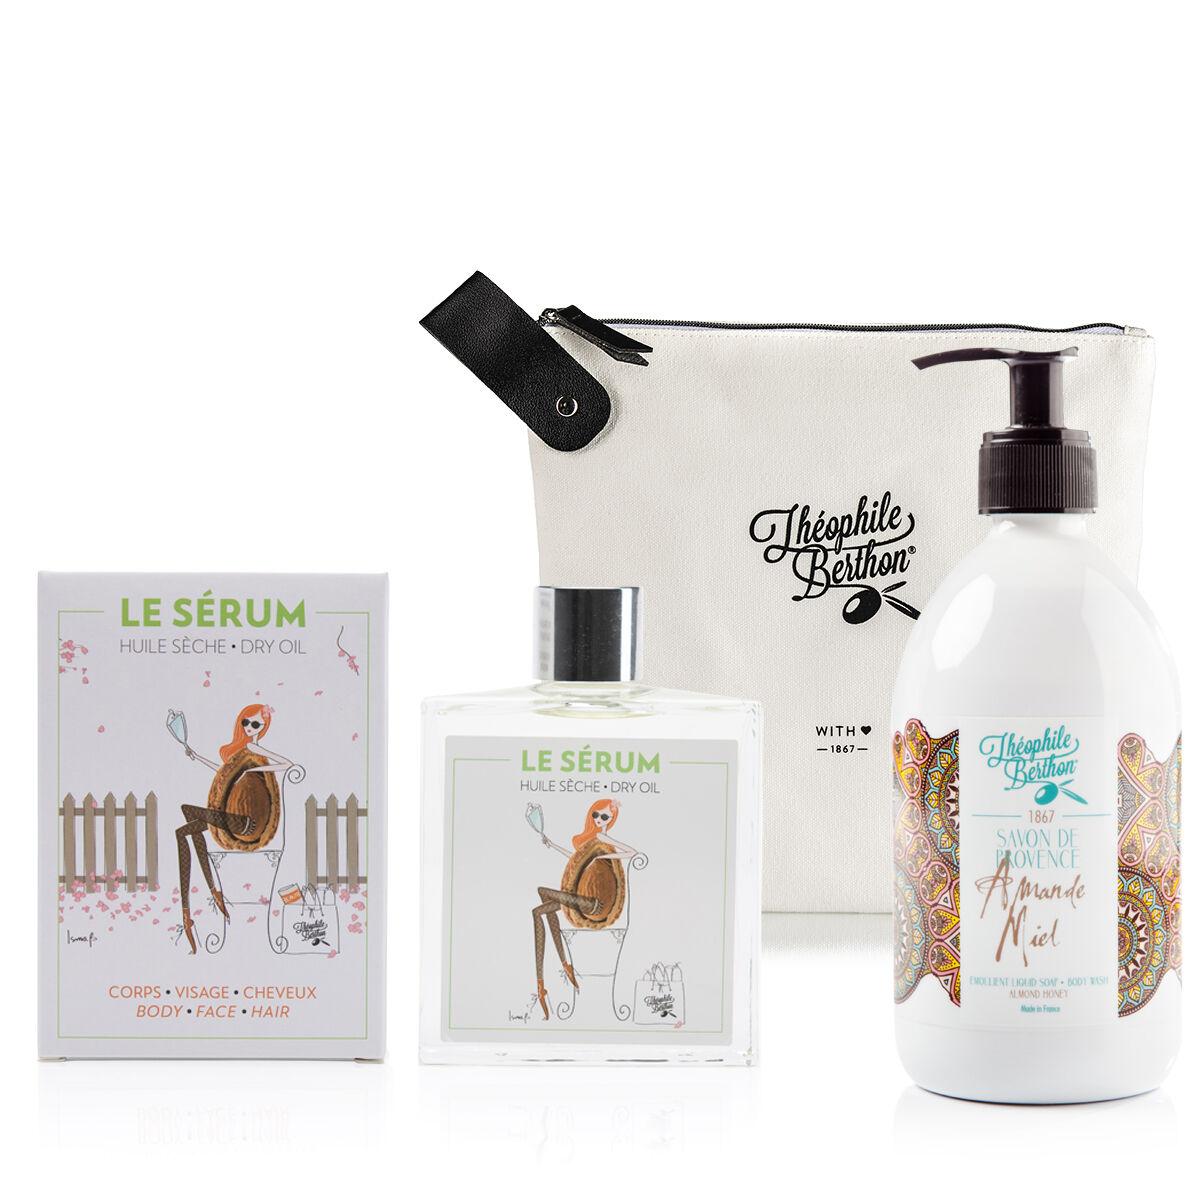 Théophile Berthon Trousse savon liquide olive et huile sche multifonctions